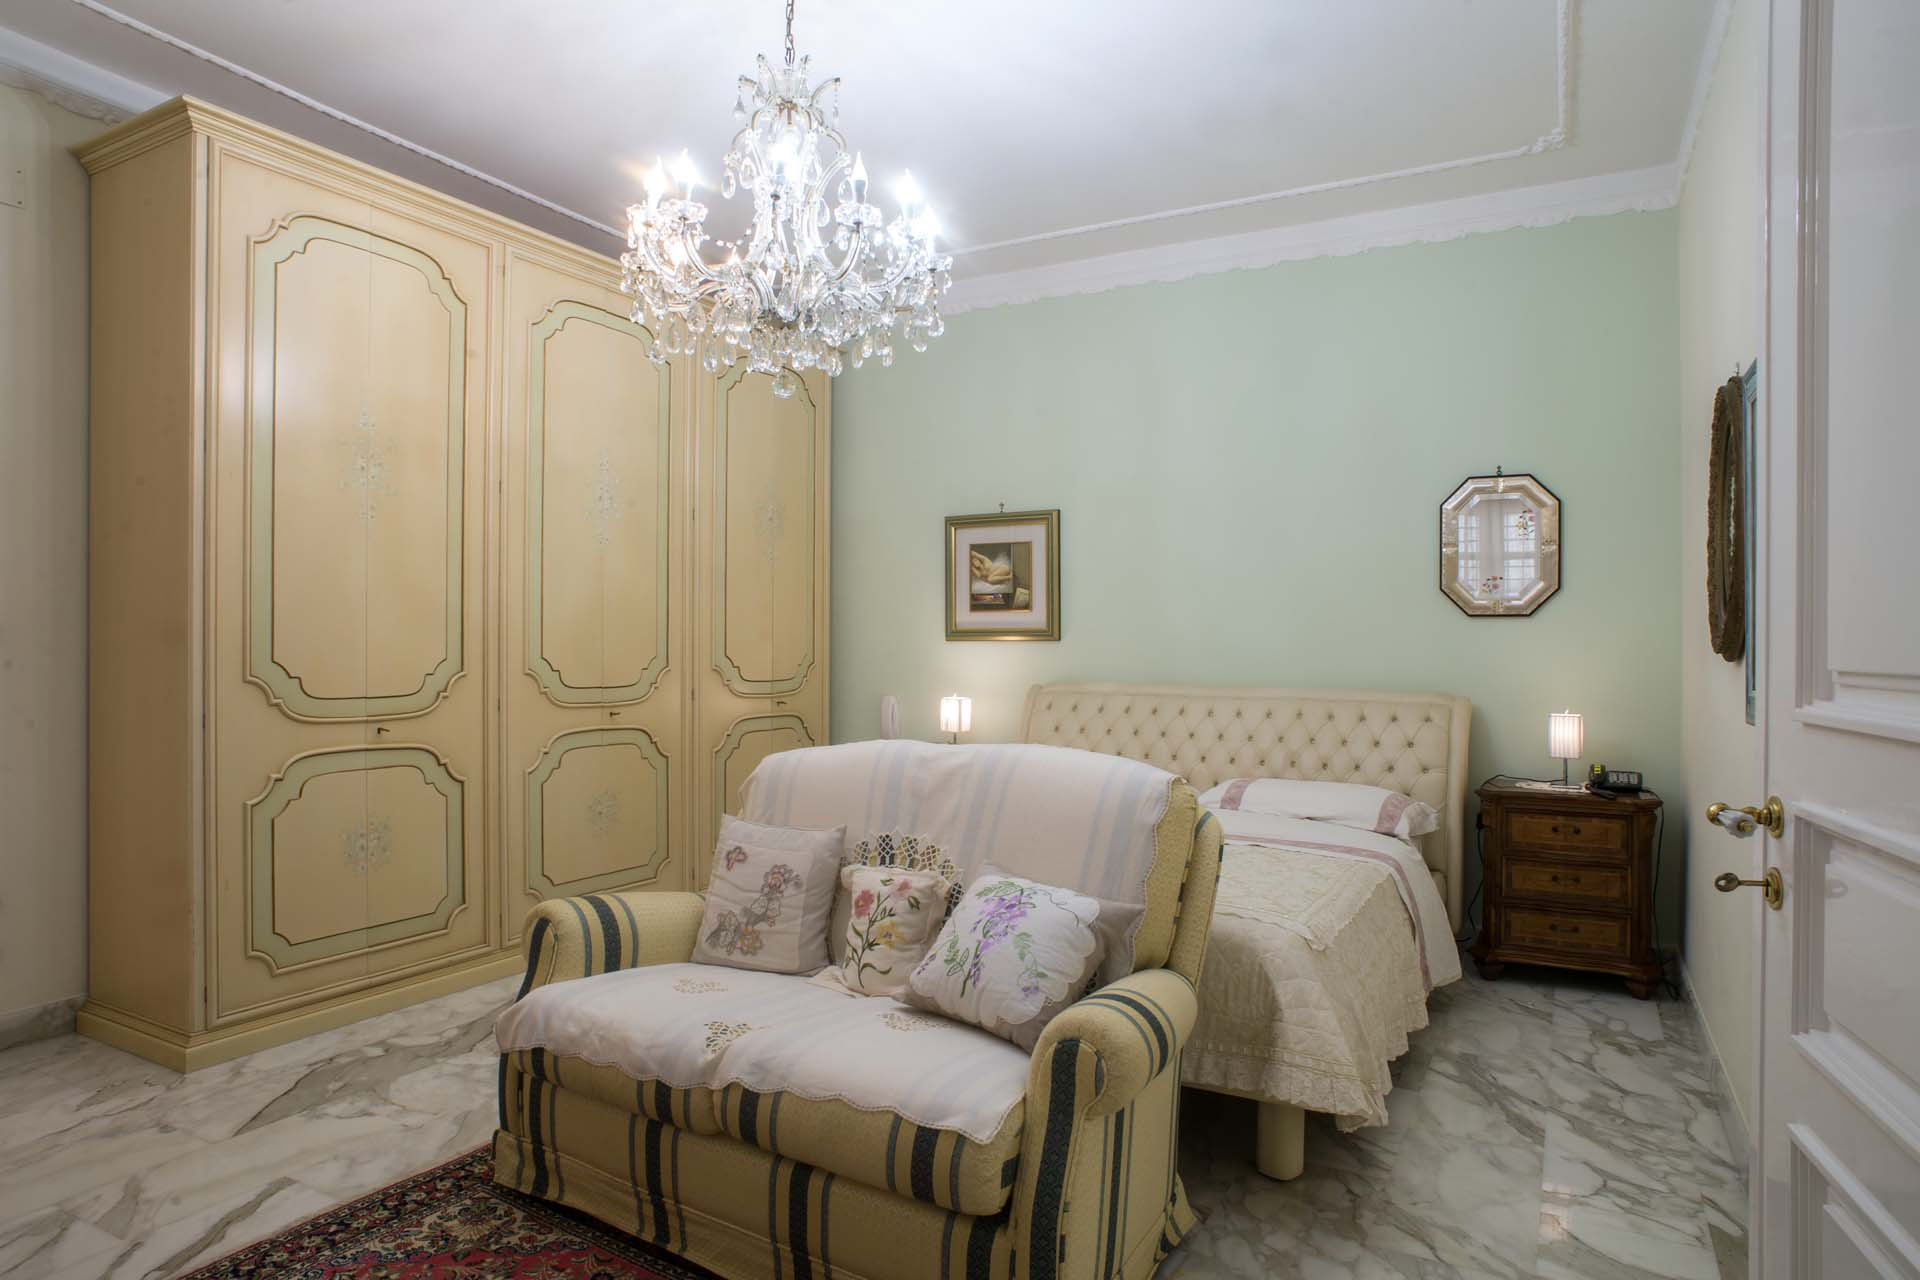 Camera Da Letto Rossella : Le camere villa rossella a taviano lusso discreto e intimo